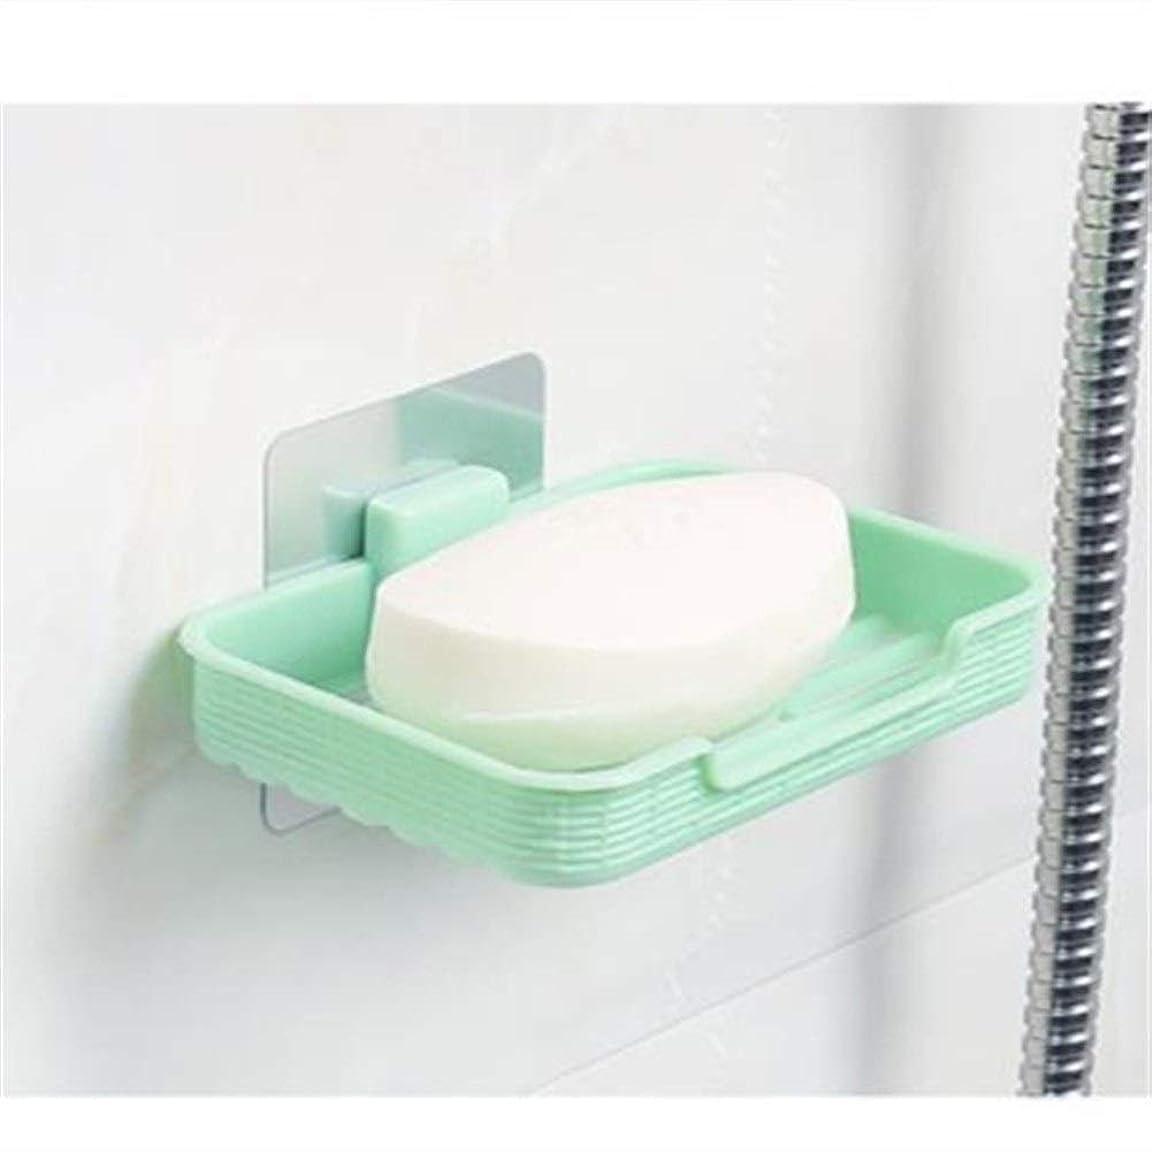 ひもコミュニケーション弁護士サクションウォールソープボックスソープボックスクリエイティブ中空浴室排水石鹸トレイランドリーソープボックスソープラックソープラック (Color : Green)